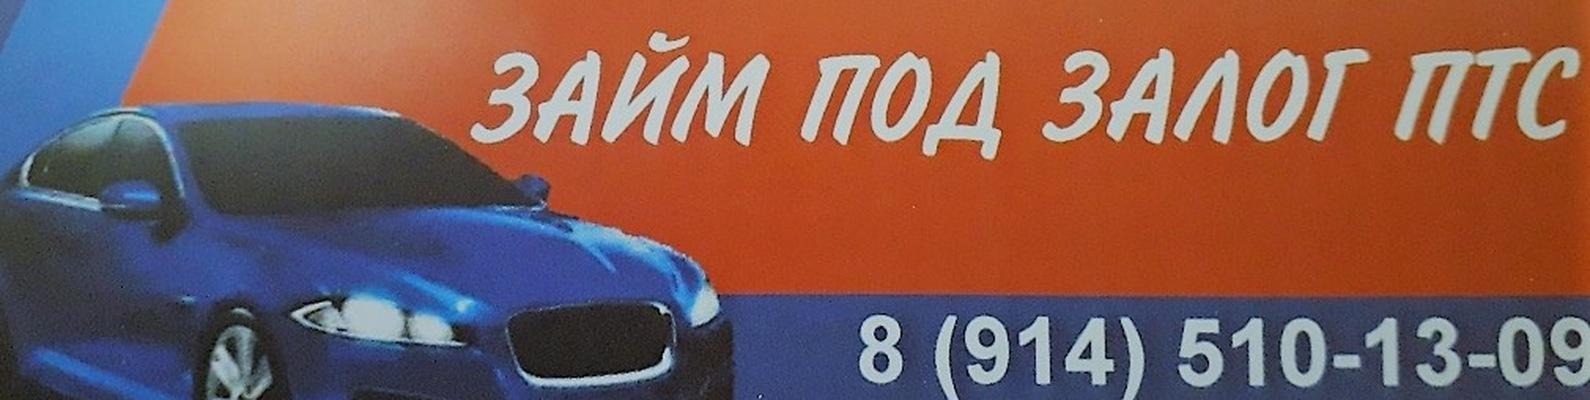 Быстрый займ под залог птс Напольный проезд займ под птс авто Архитектора Власова улица